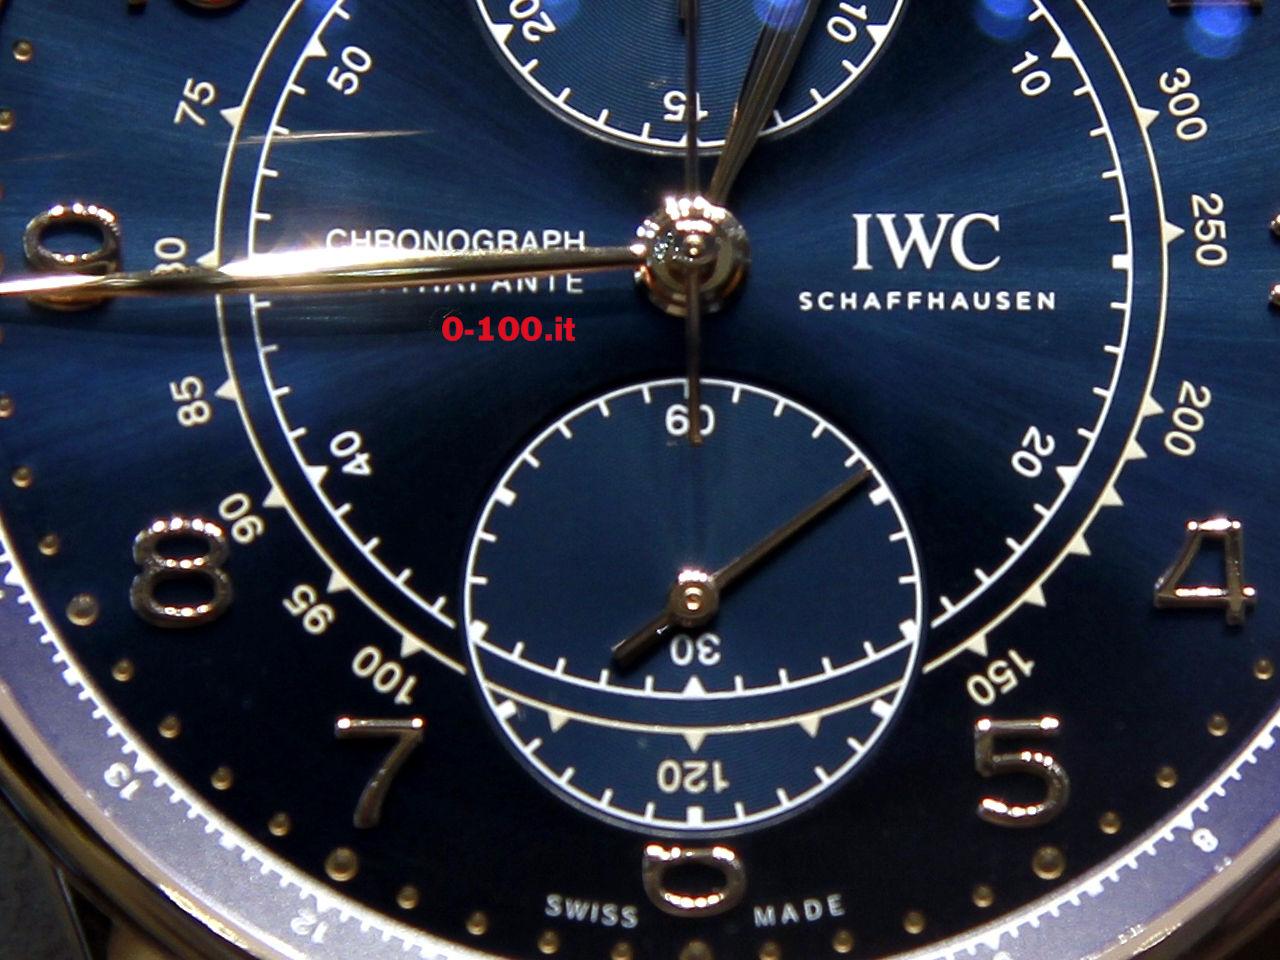 iwc-portugieser-chronograph-rattrapante-edition-boutique-milano_0-100_15